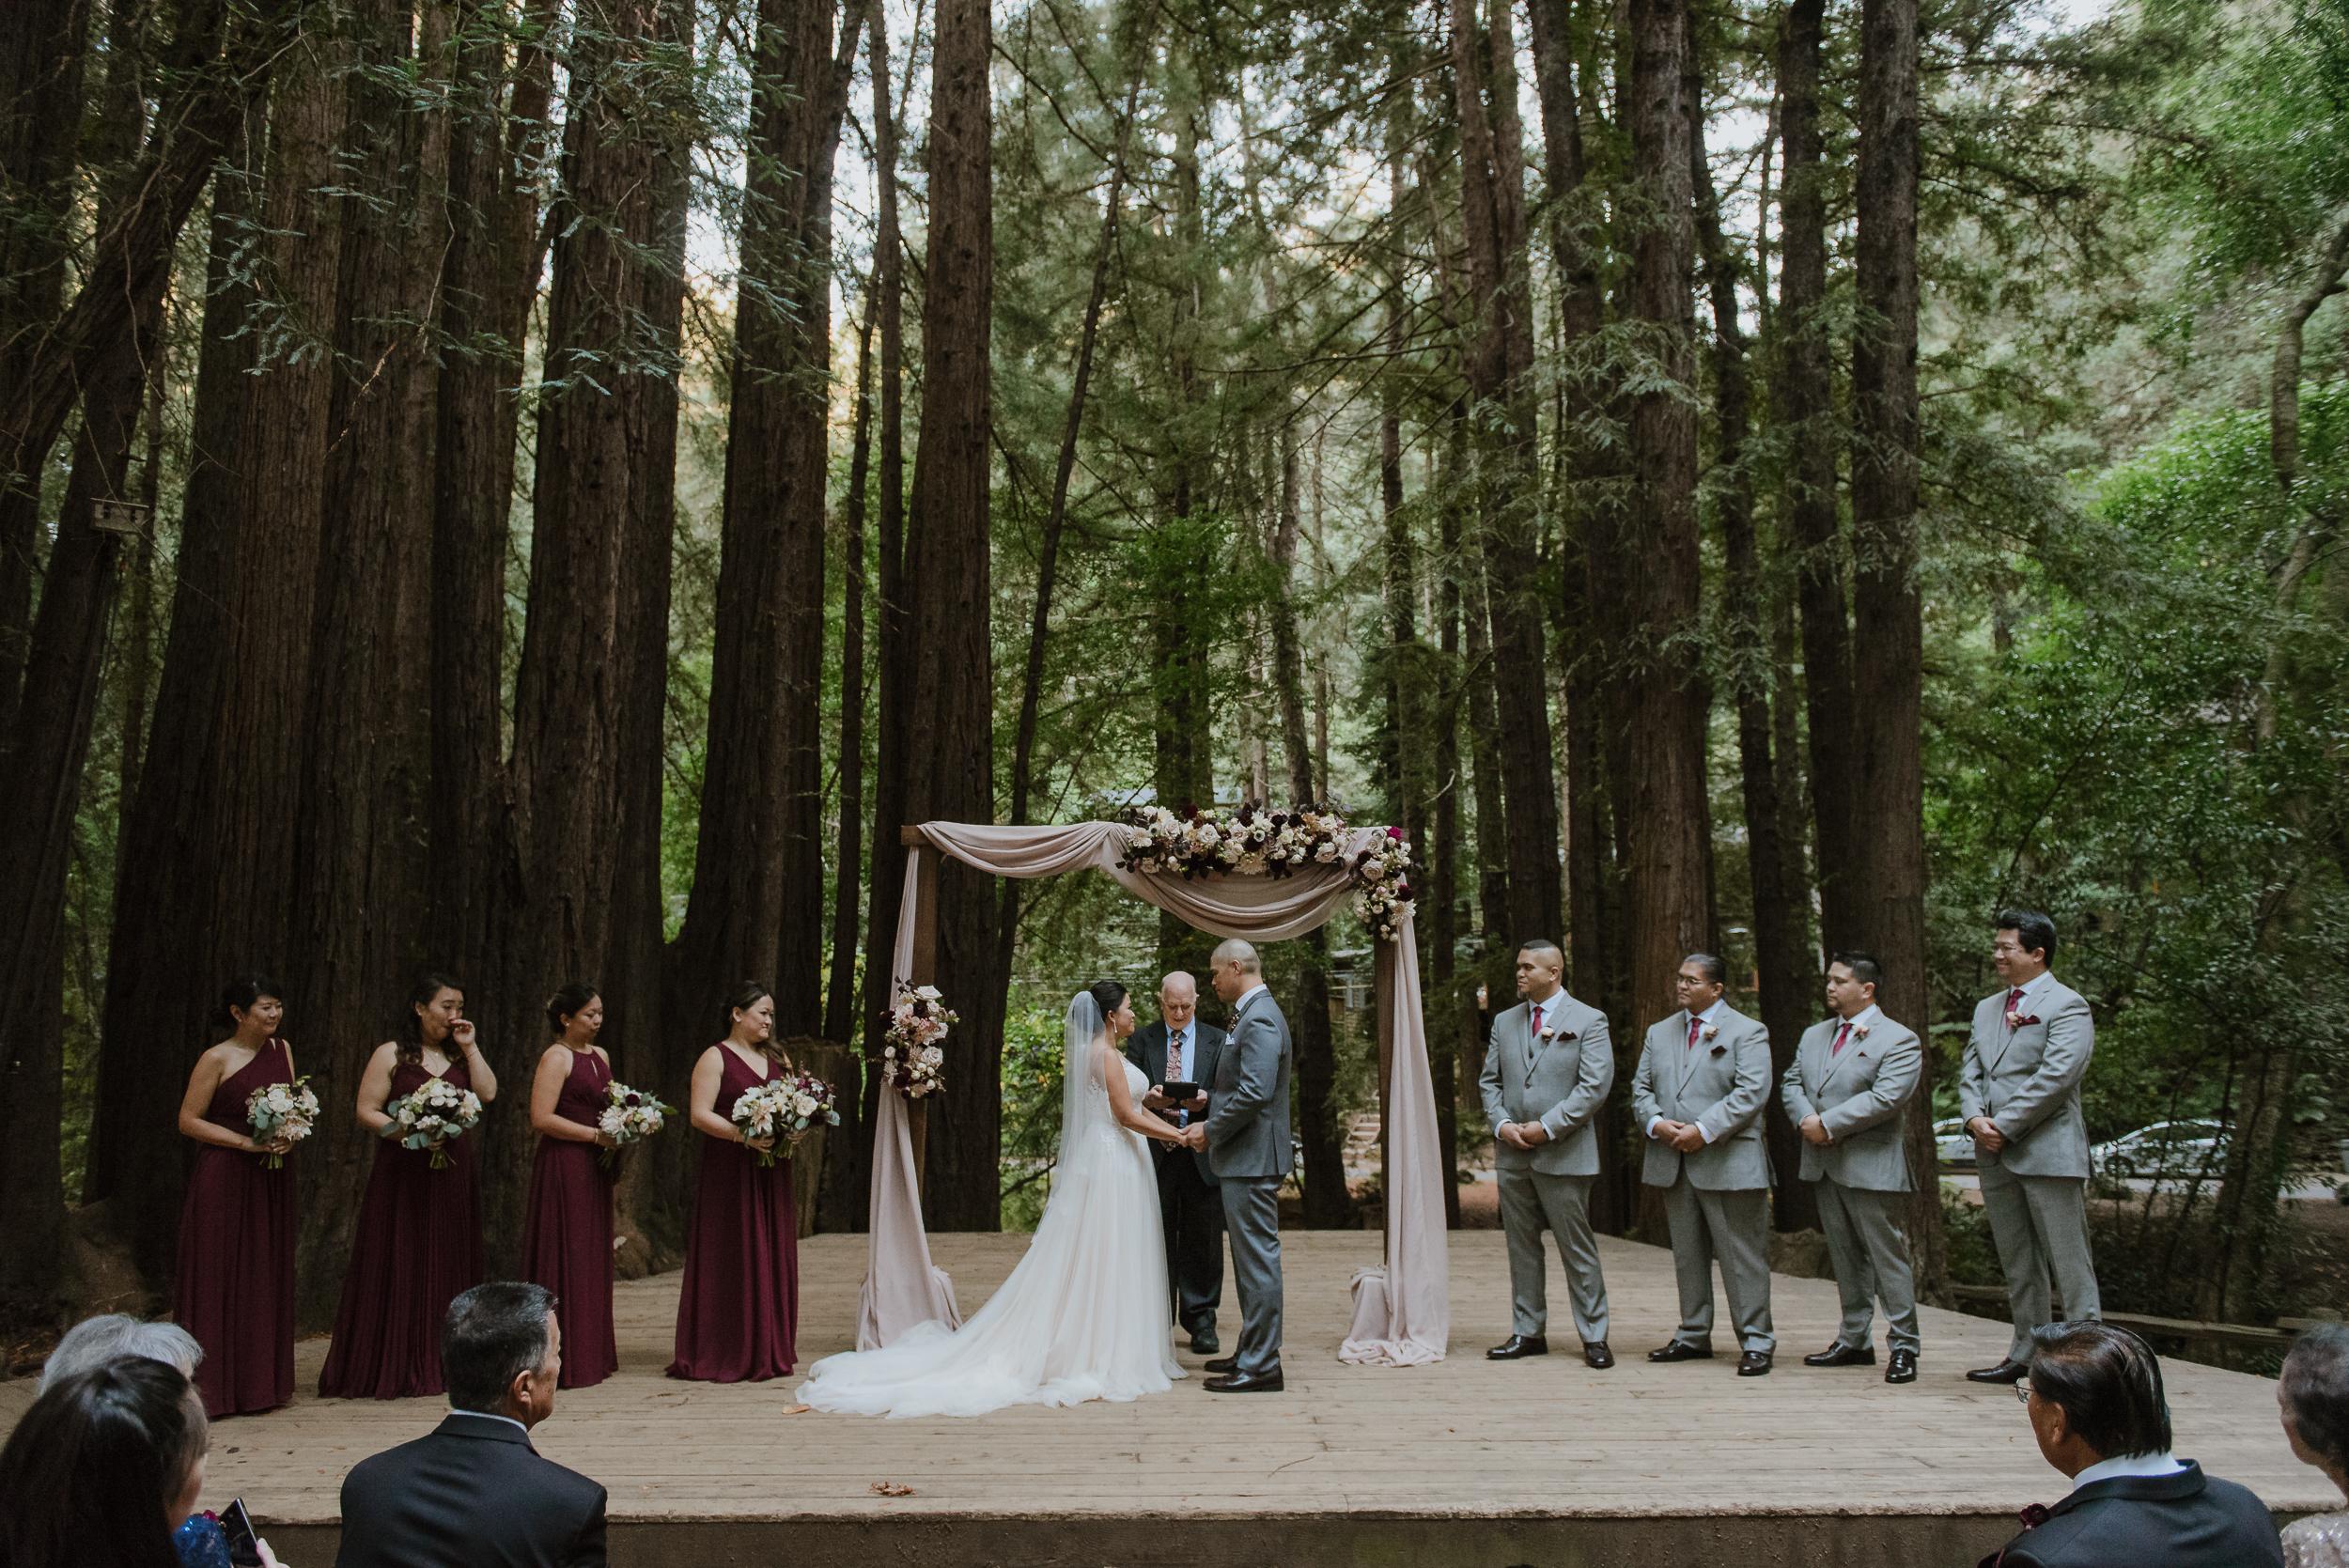 37-old-mill-park-mill-valley-community-center-wedding-vivianchen-389.jpg